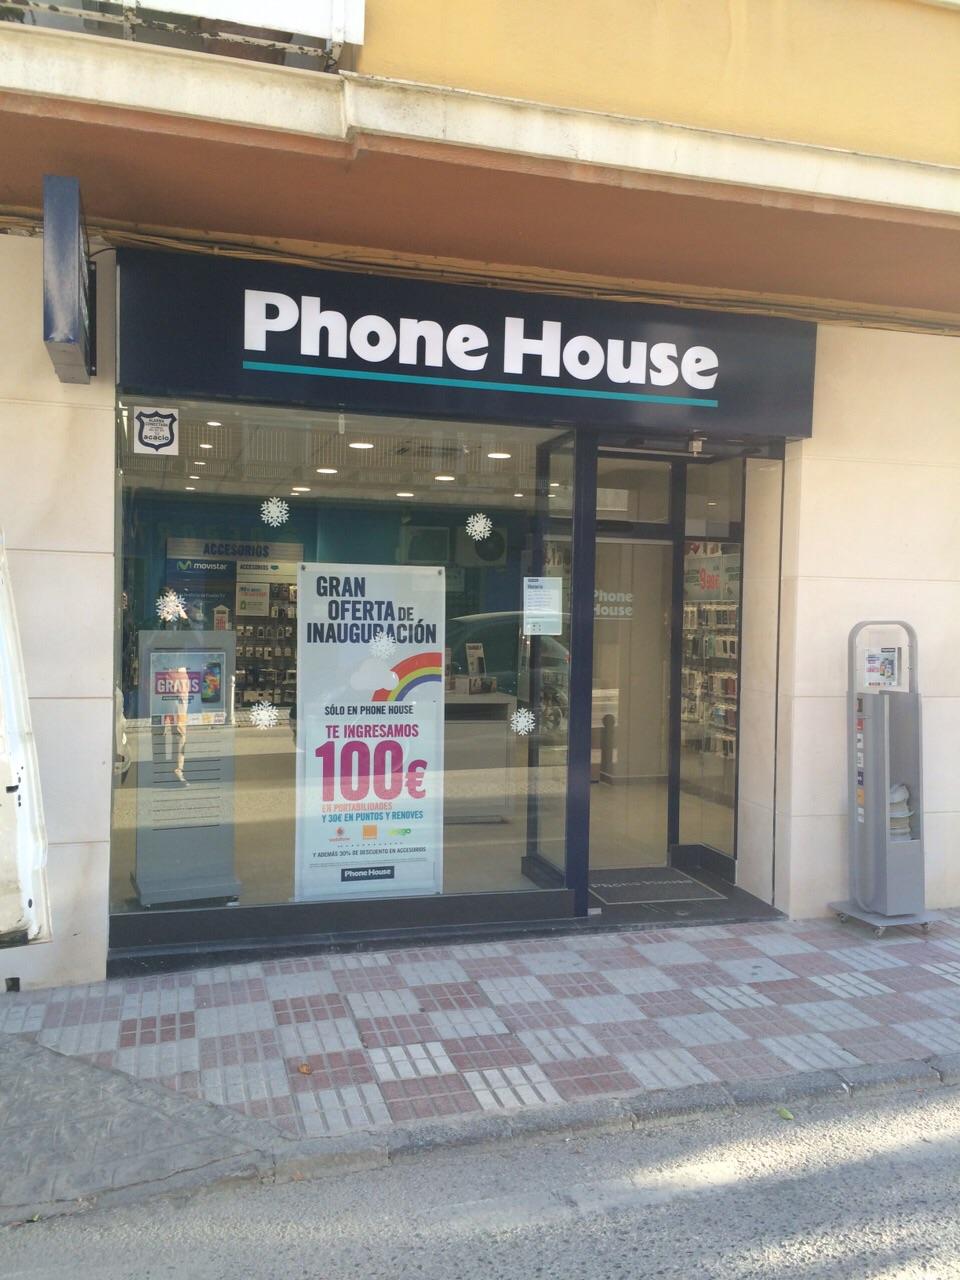 Phone House abre una nueva tienda en Torredonjimeno (Jaén)